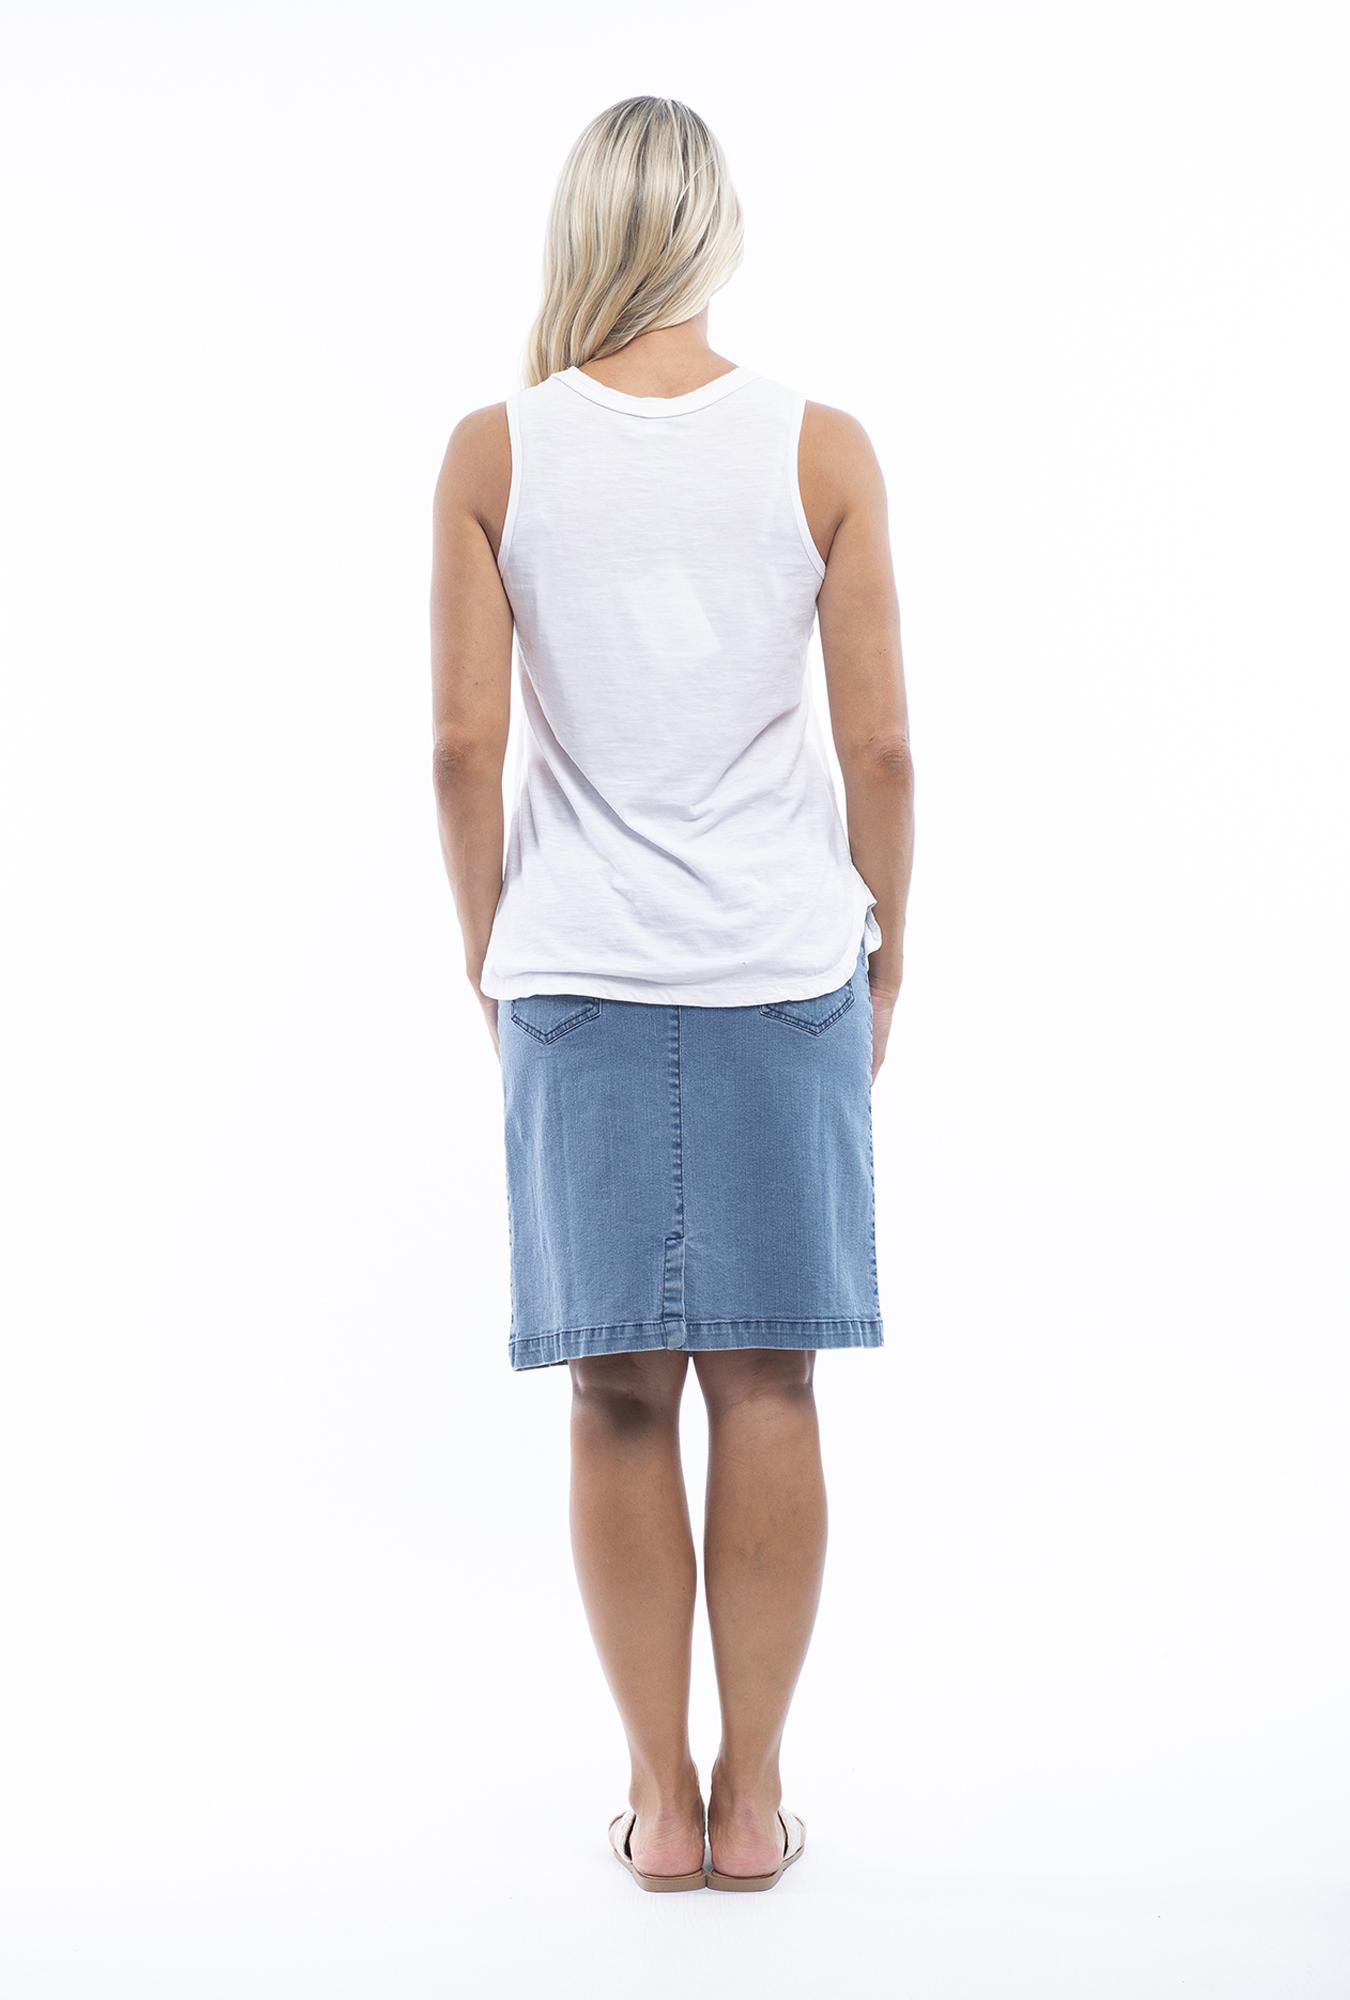 Amber Light Denim Skirt